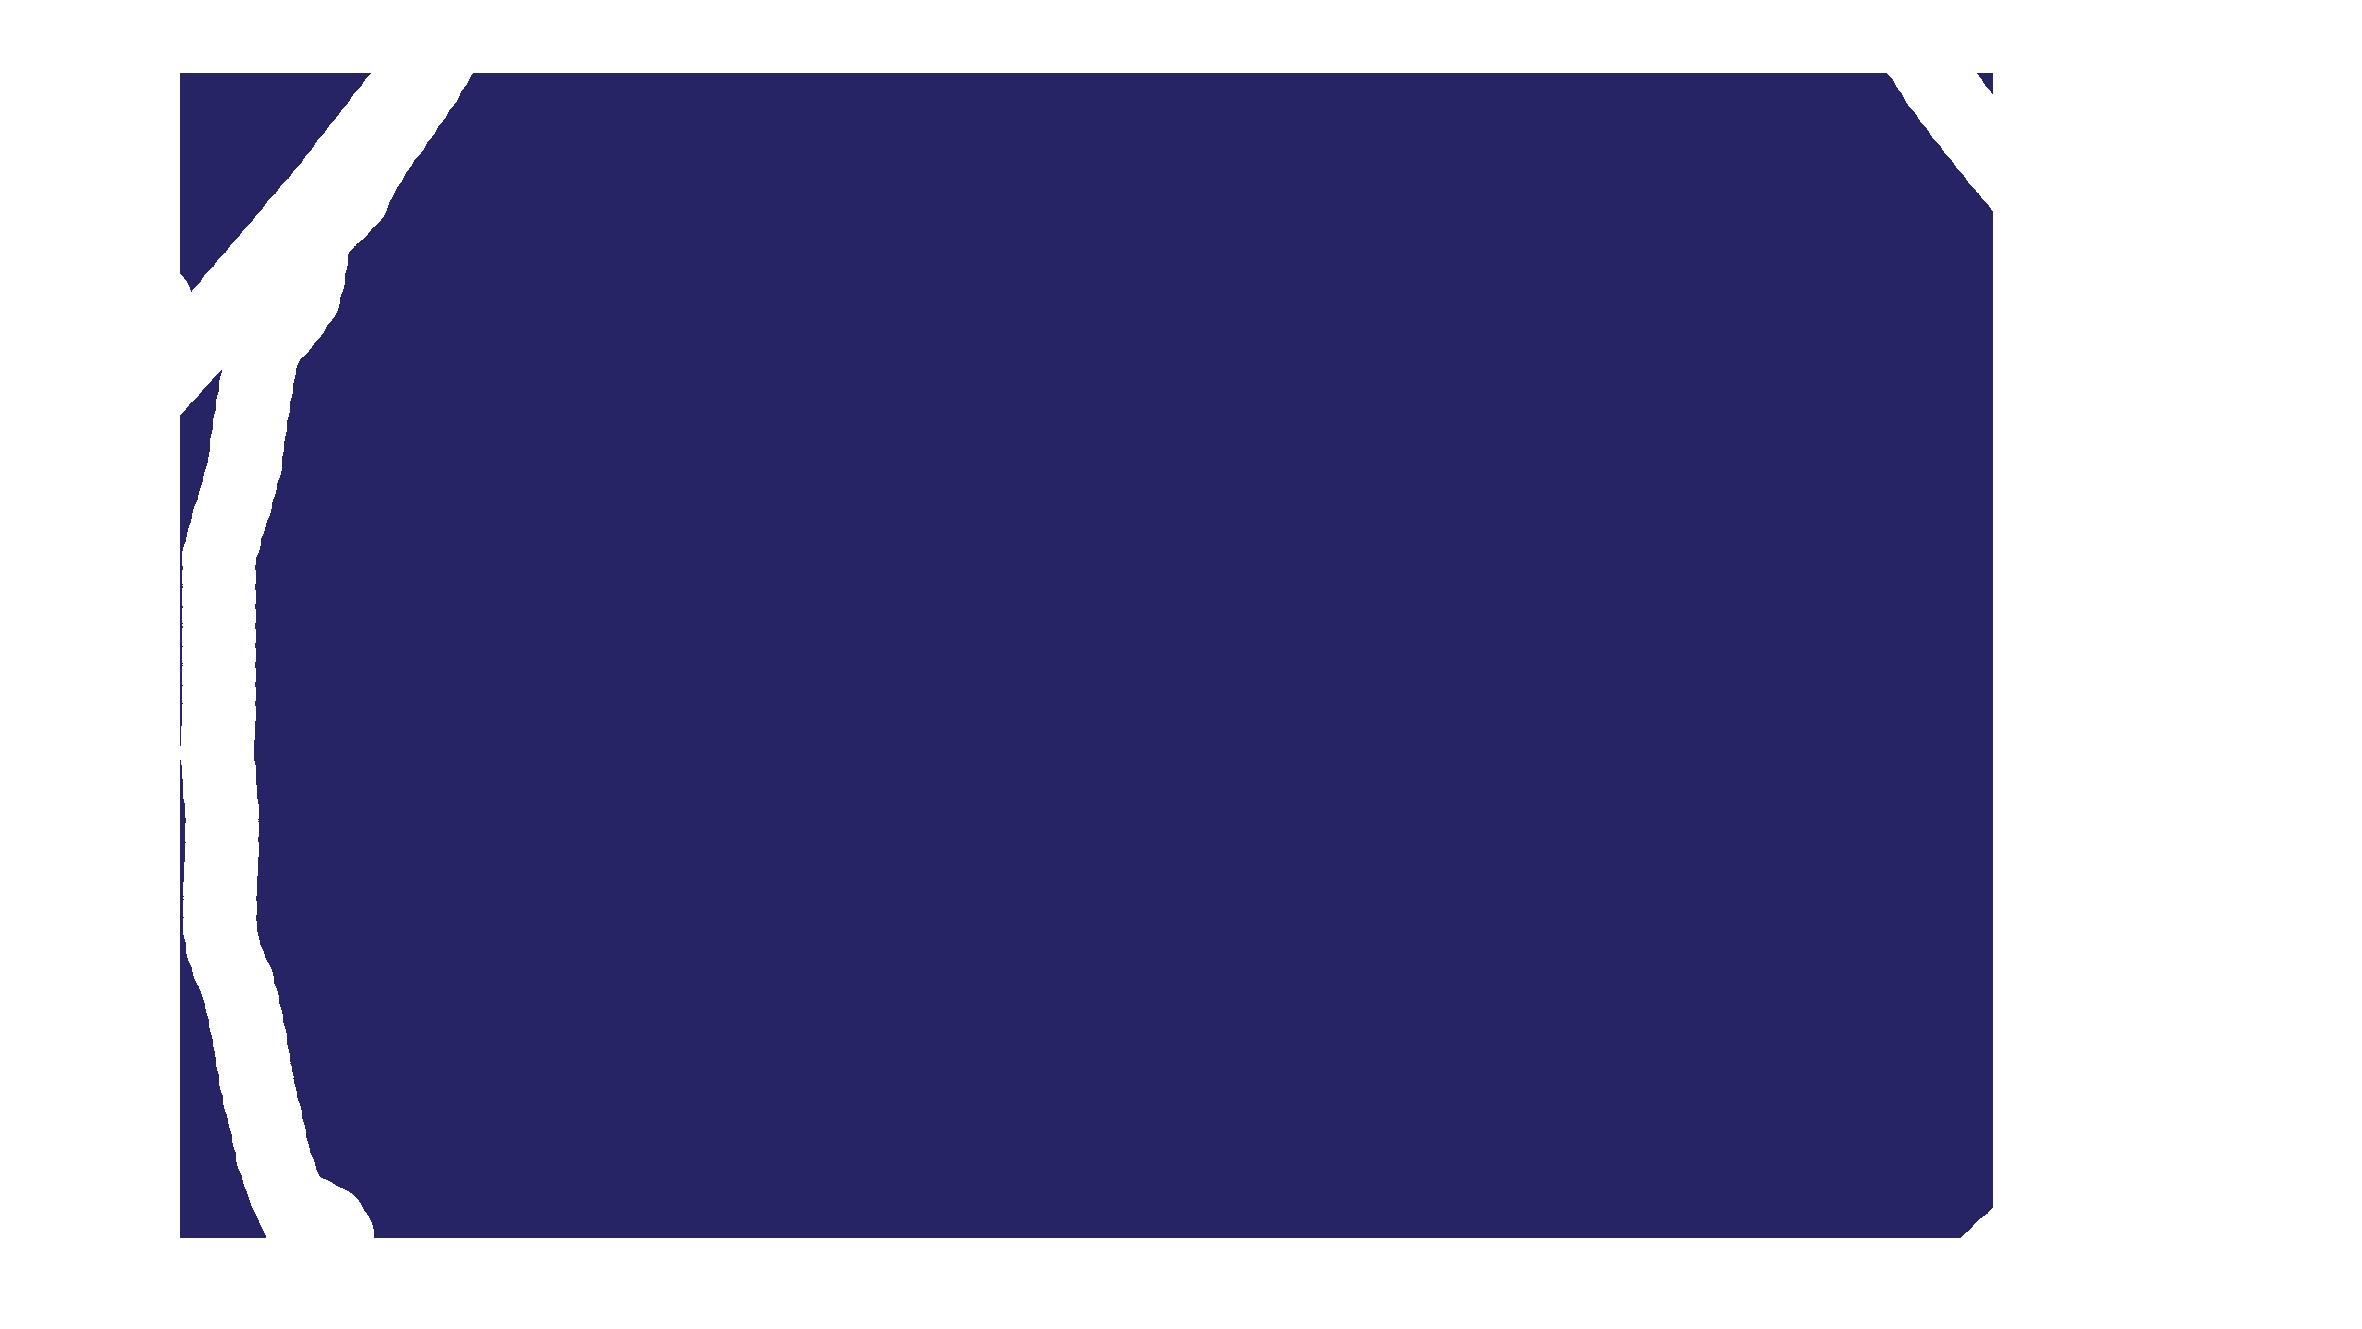 literoflightitalia